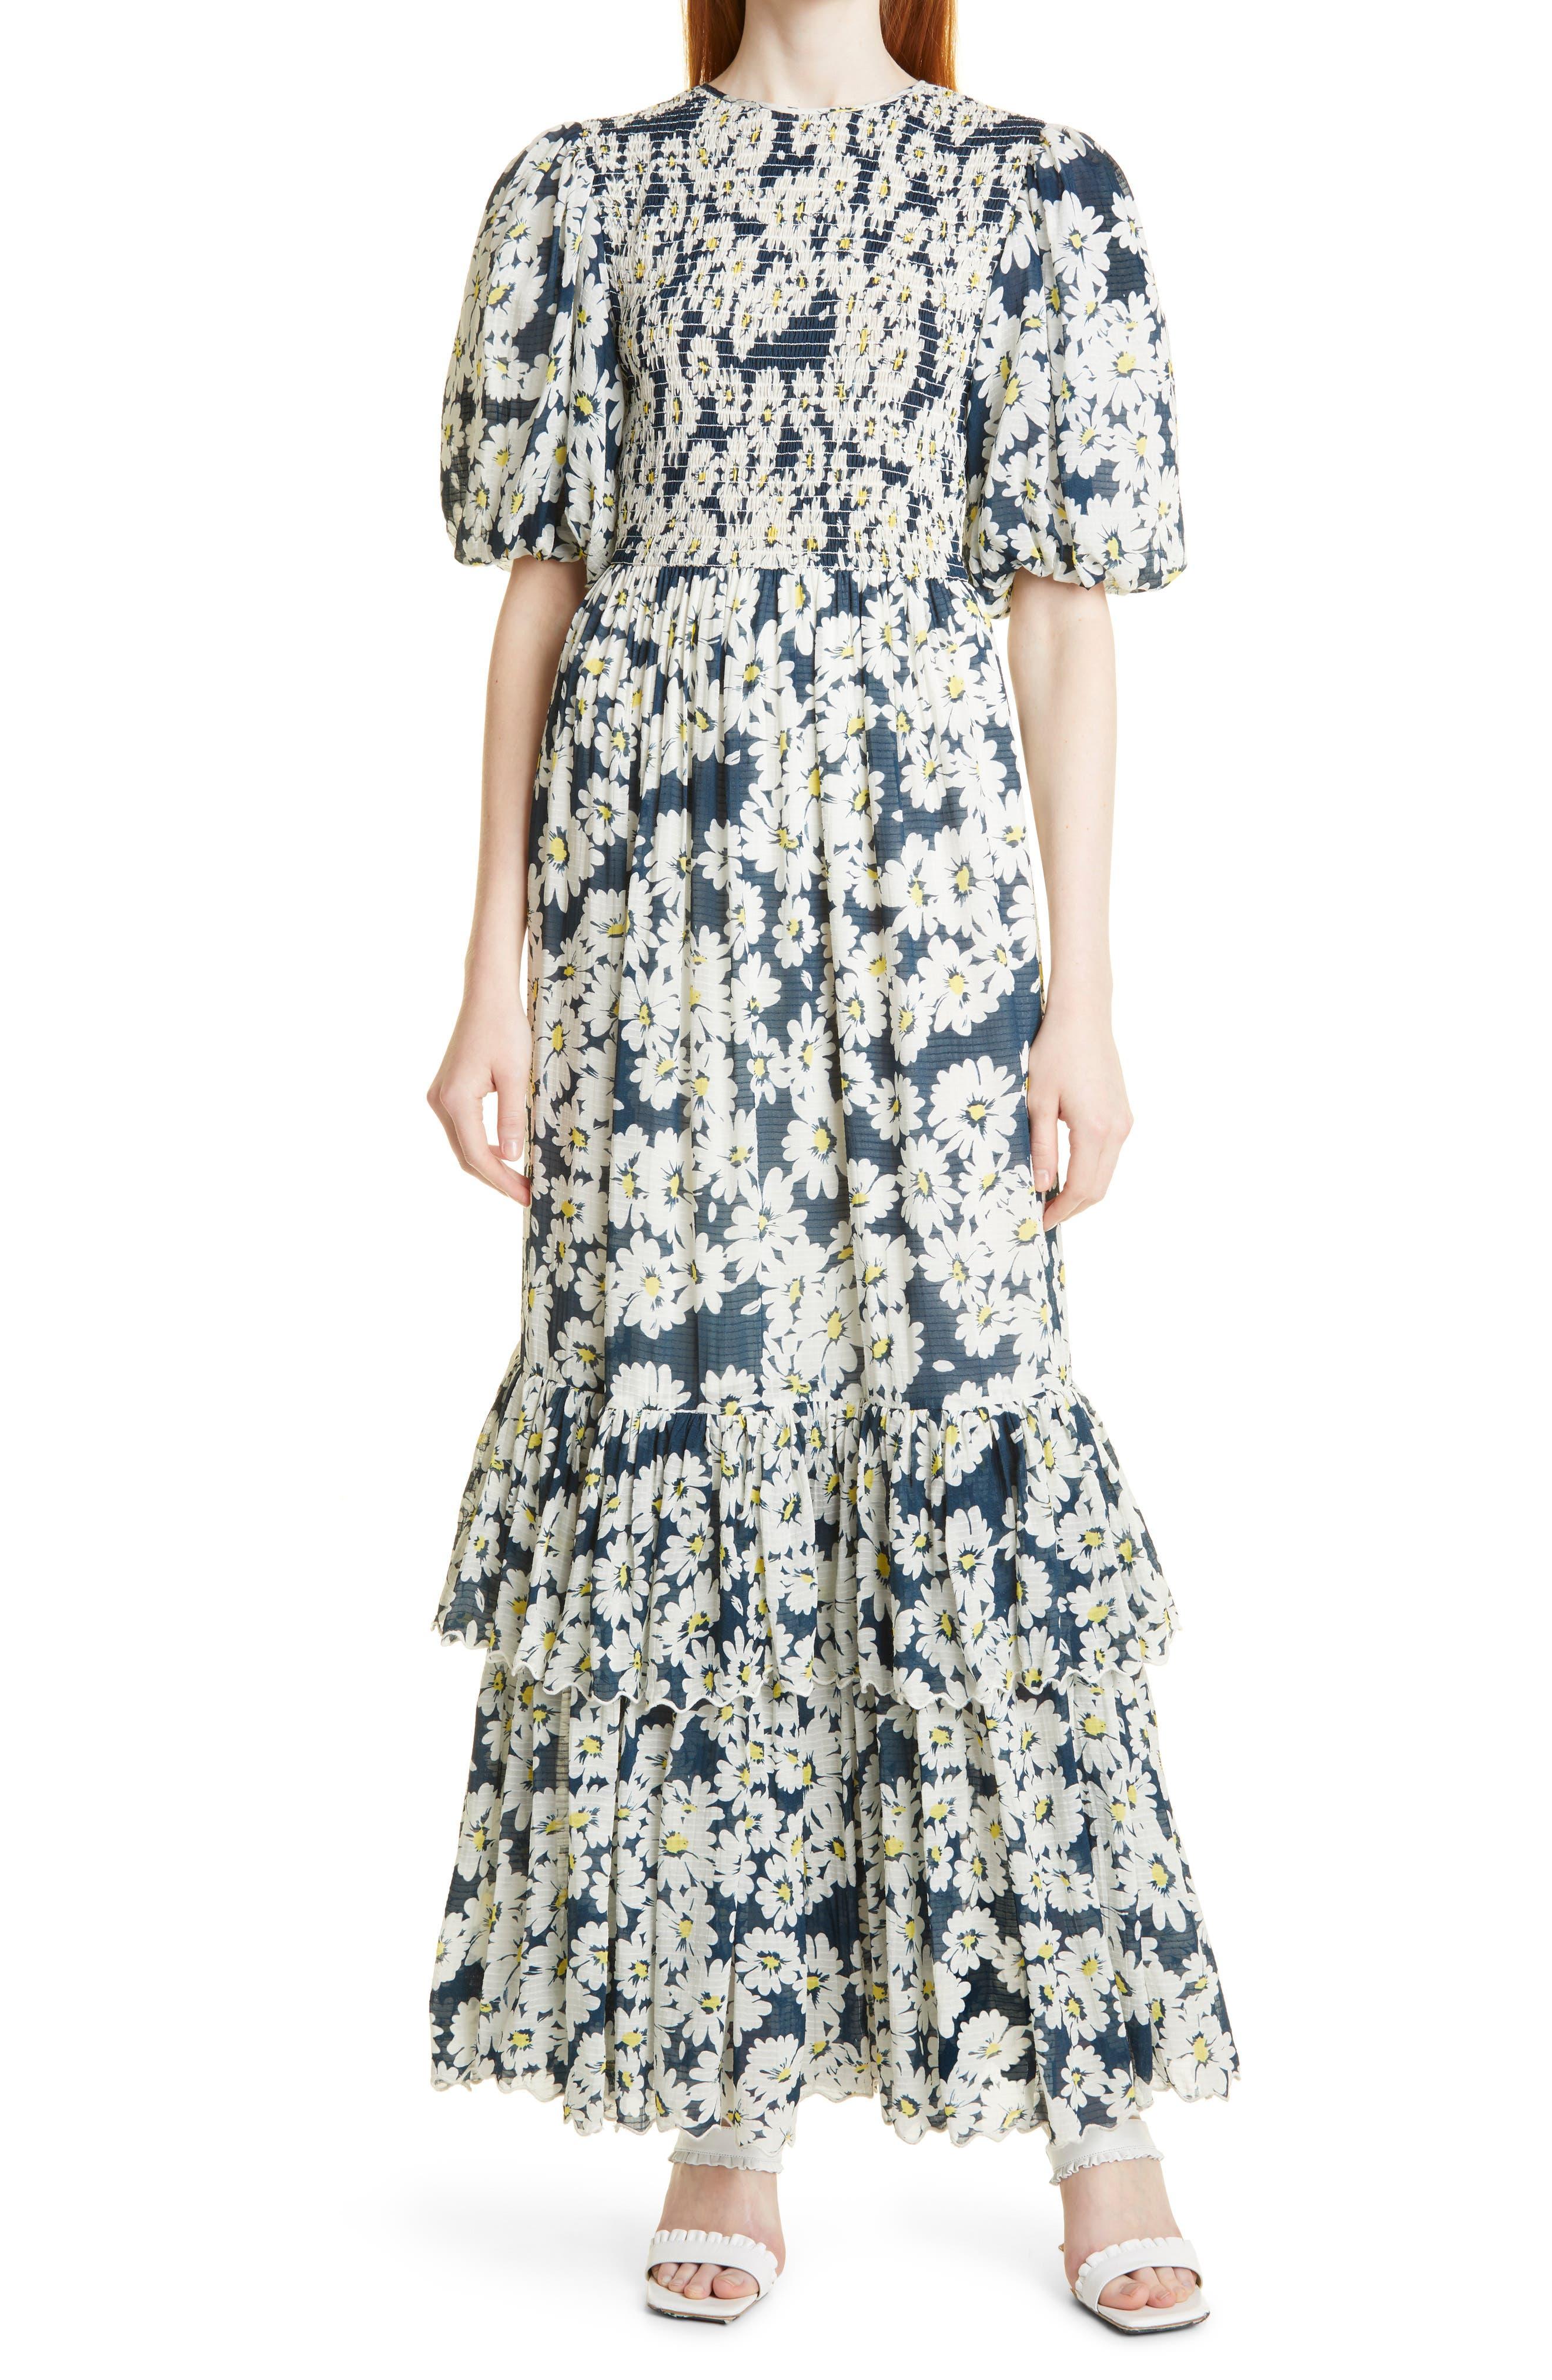 Daisy Print Dobby Check Maxi Dress